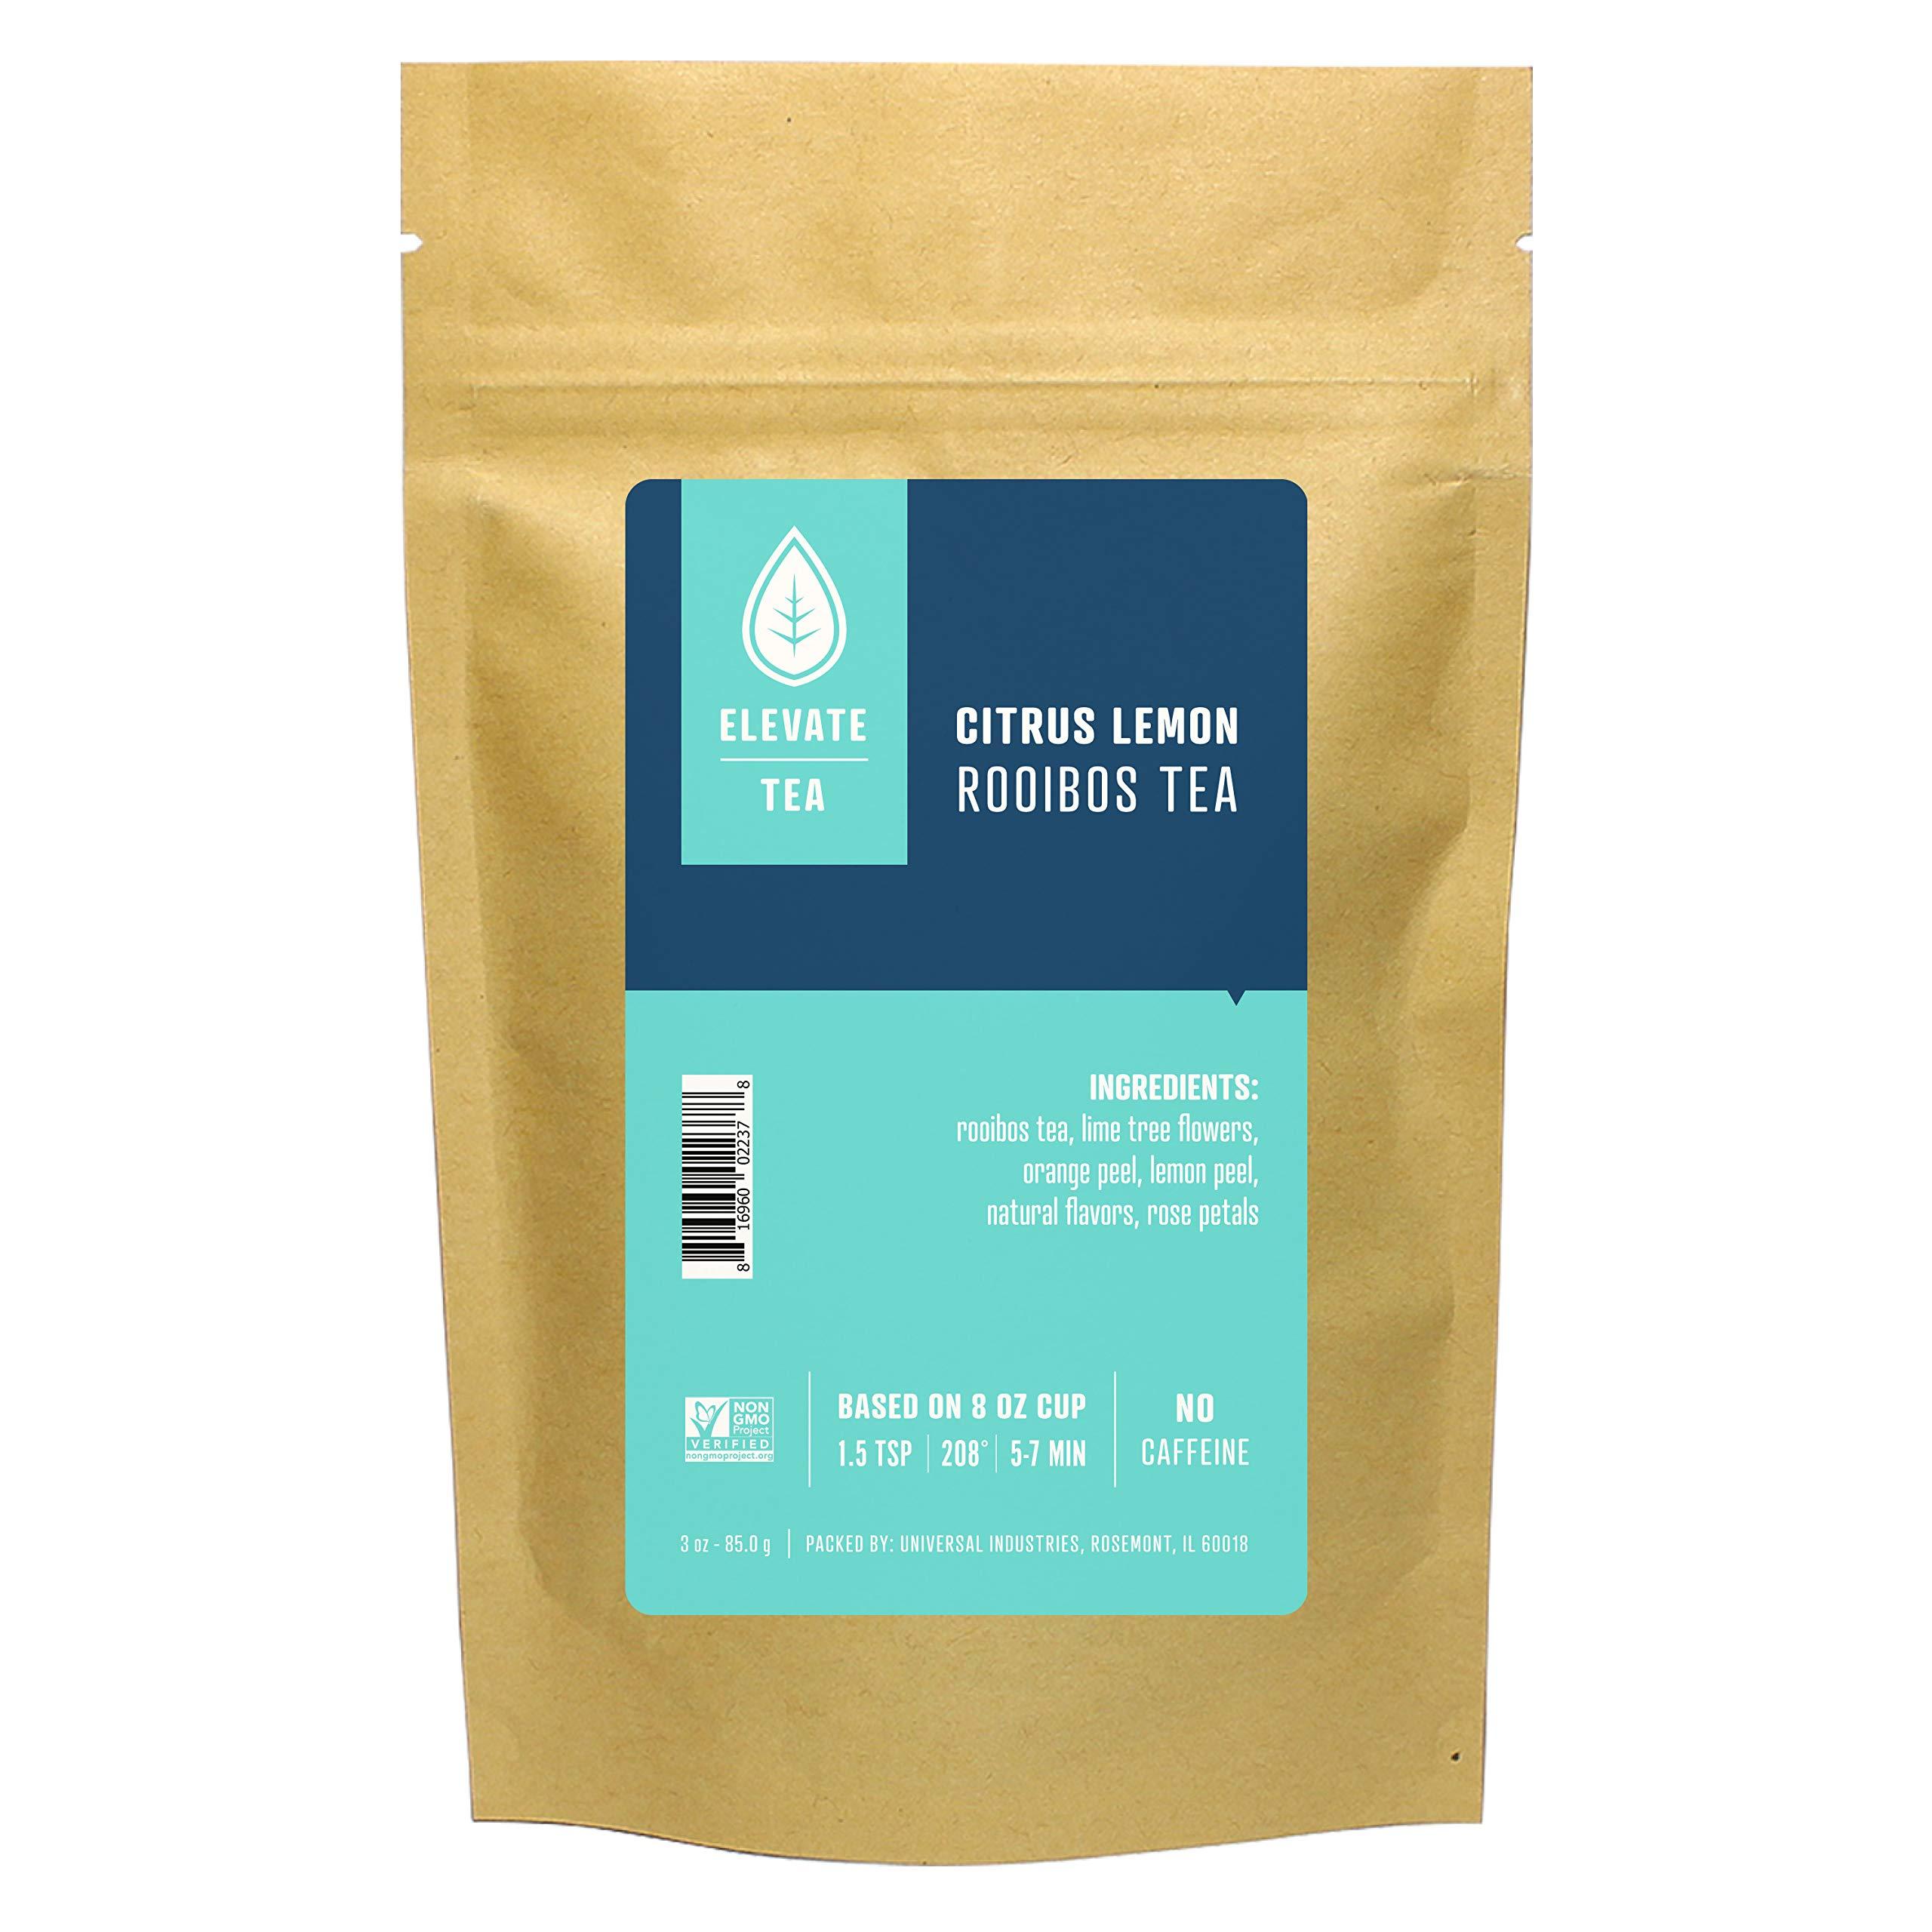 Elevate Tea CITRUS LEMON ROOIBOS TEA, Loose Leaf Tea Blend, 30 servings, 3 Ounce Pouch, Caffeine Level: None, Single Unit